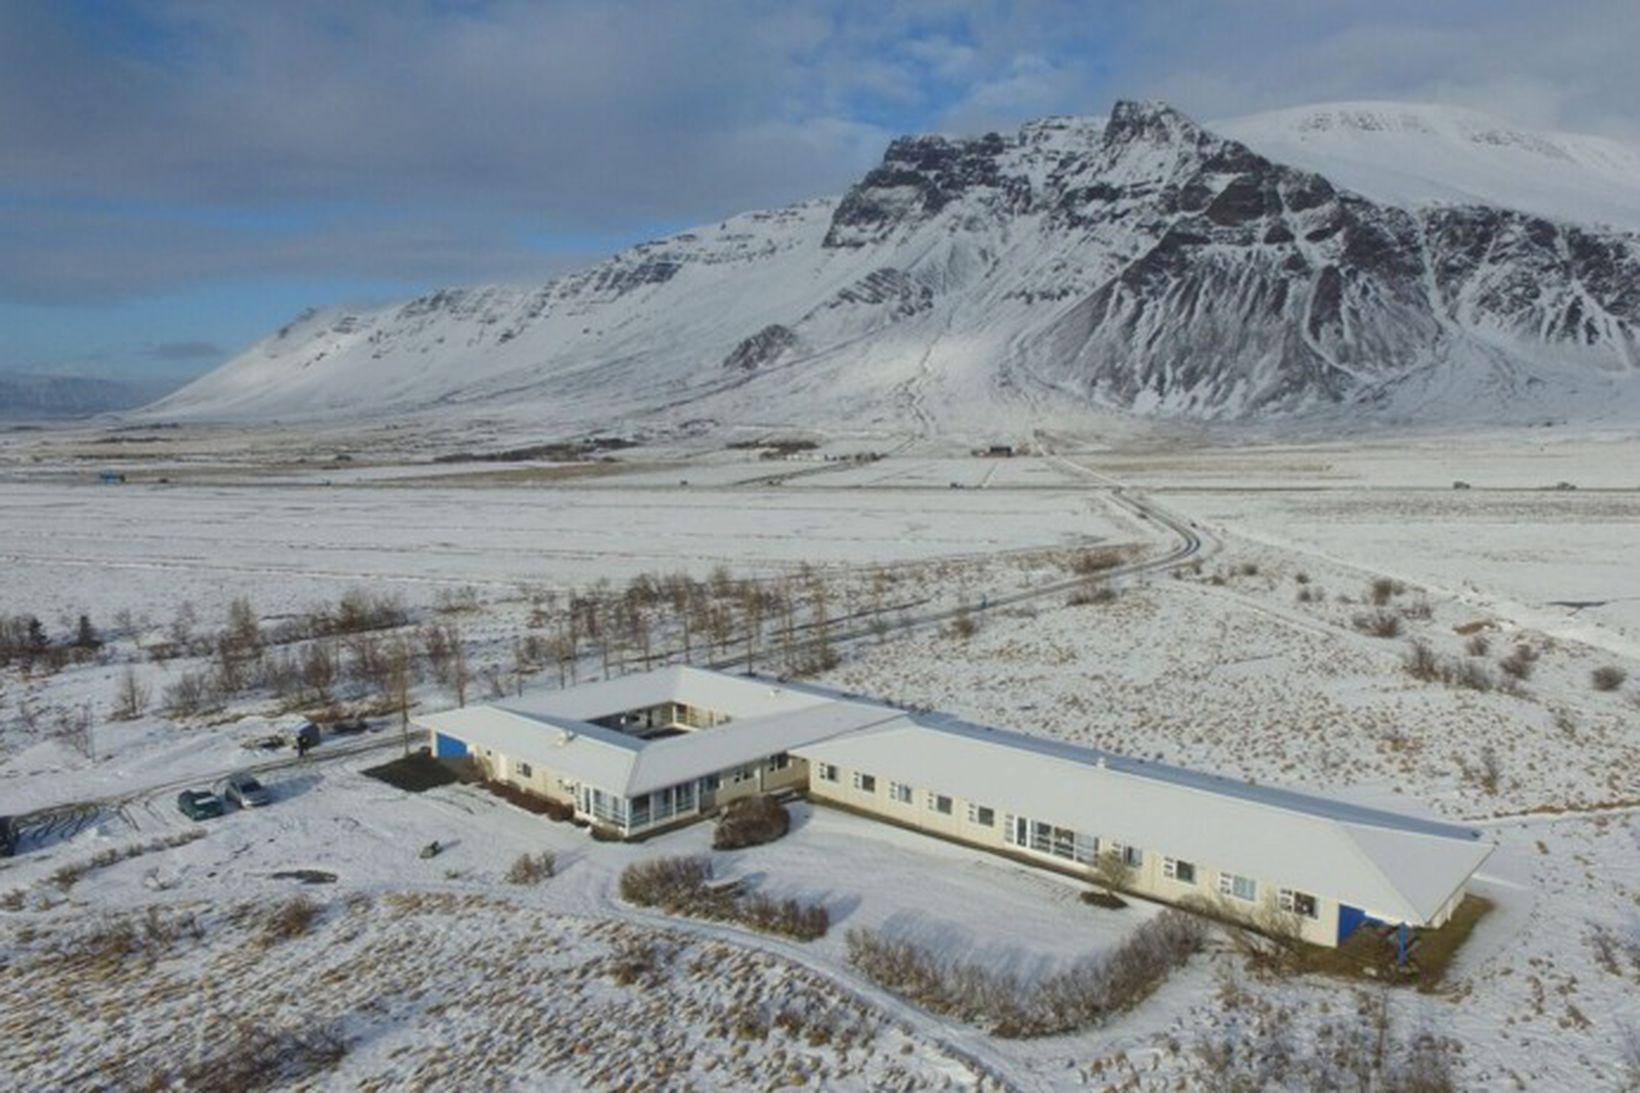 Á nýrri Vík verður hægt að hýsa 61 sjúkling í …